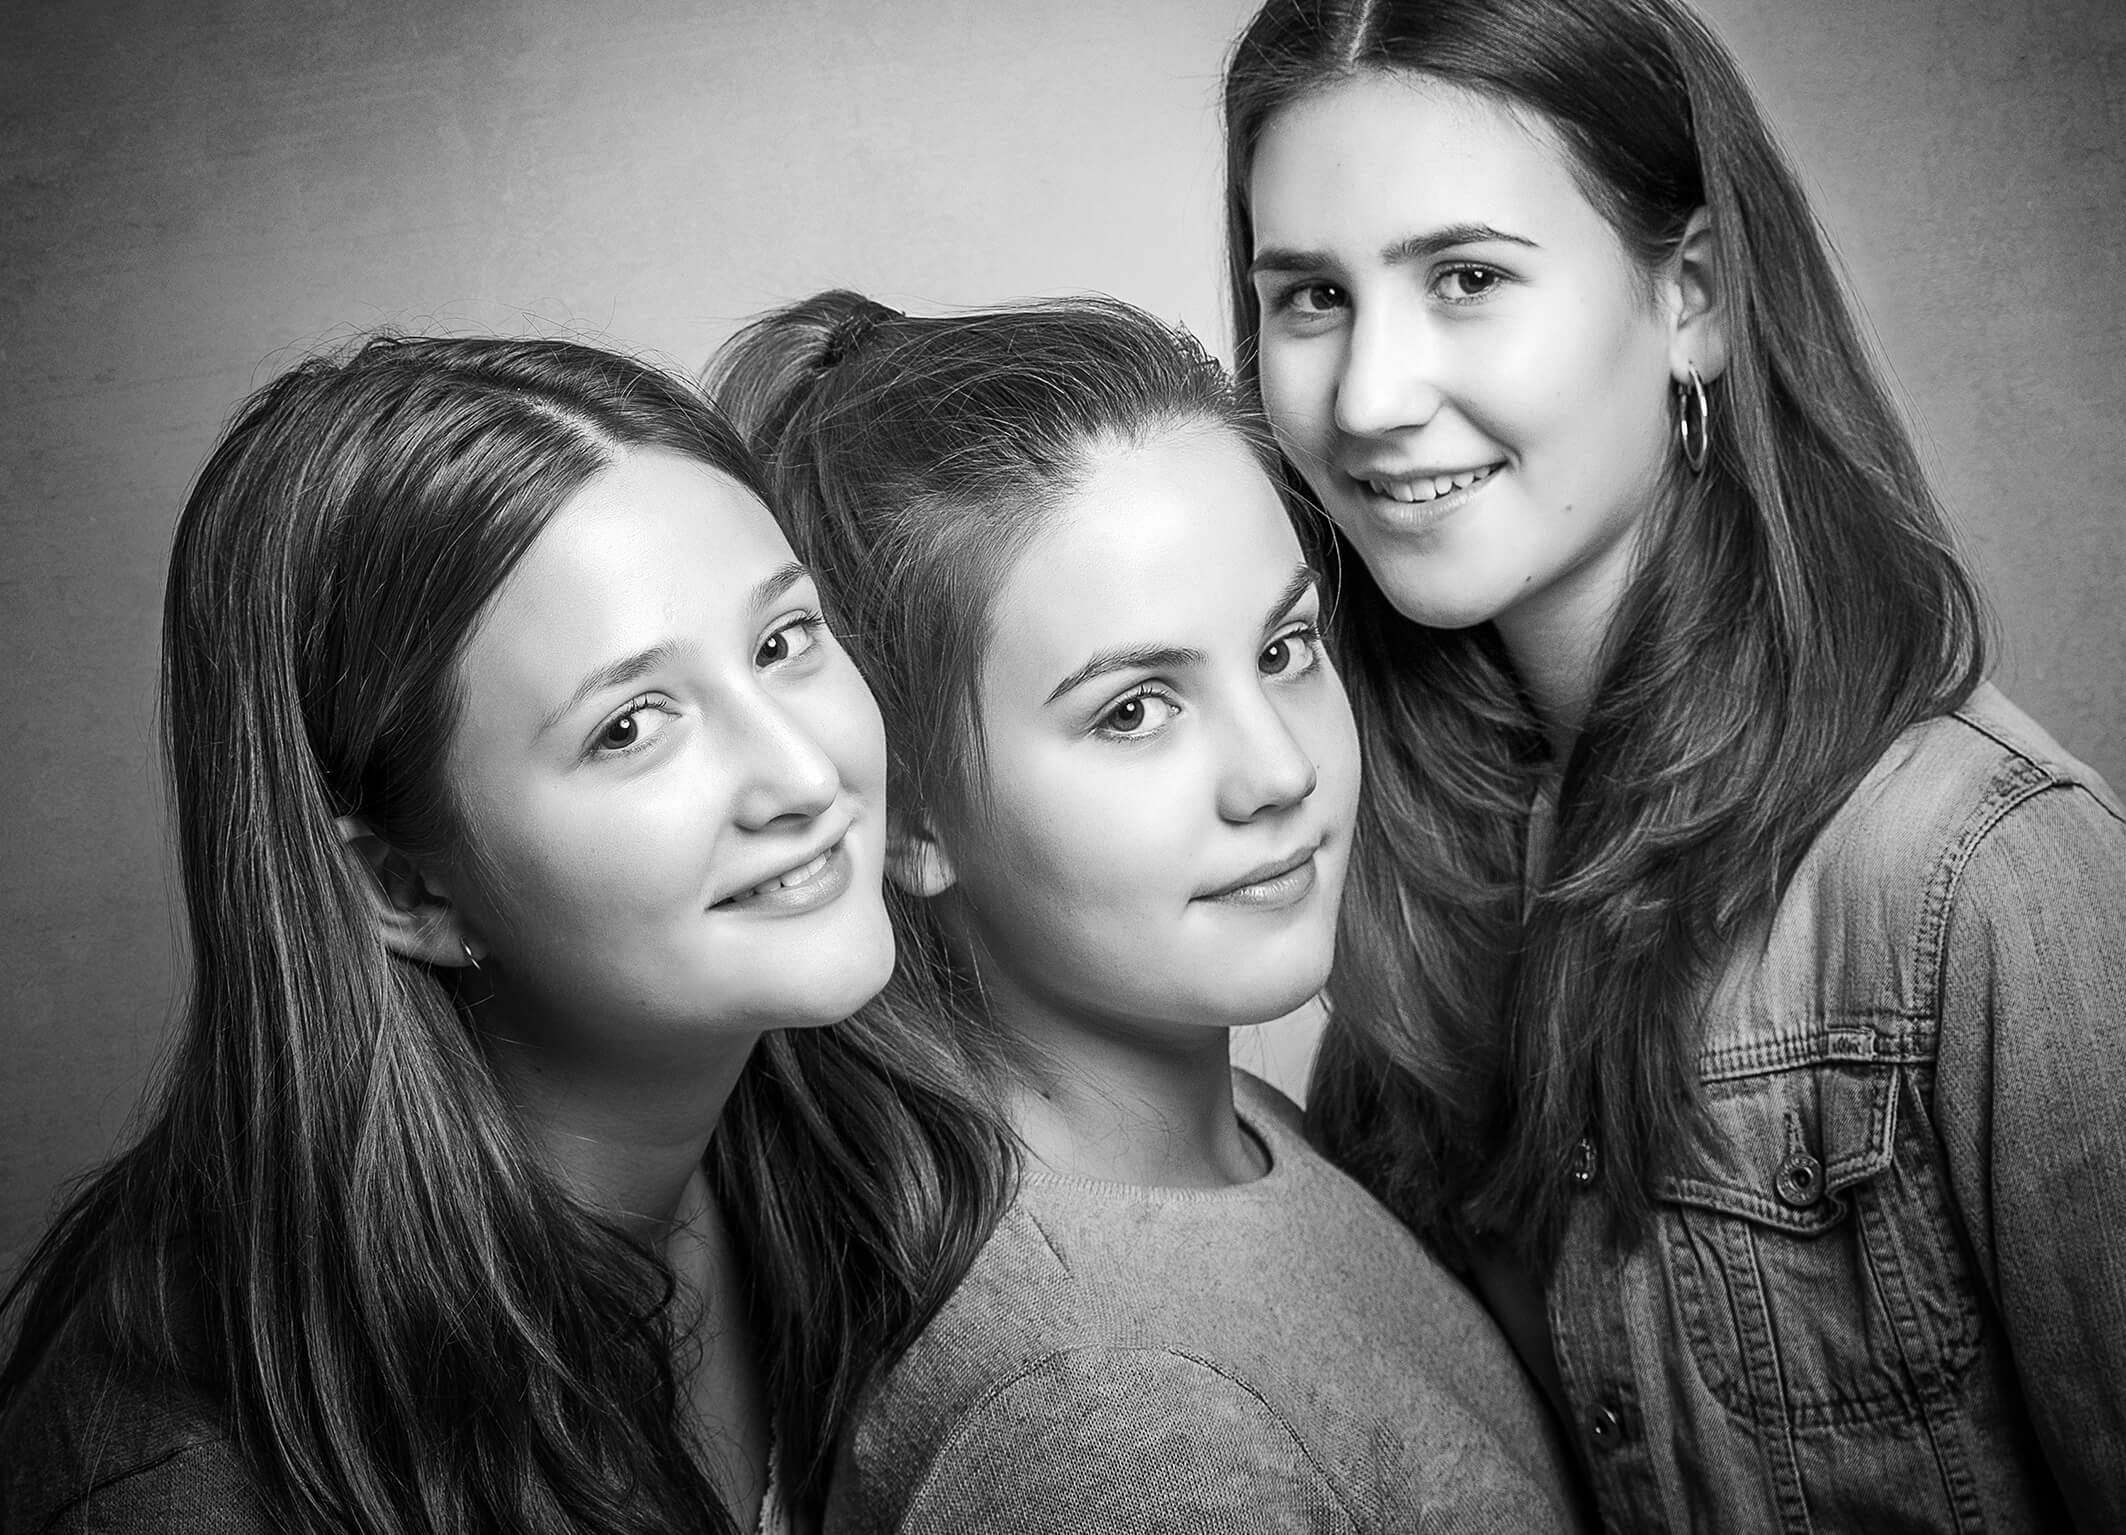 Familienfoto Portraitbilder im Fotostudio und in der Natur